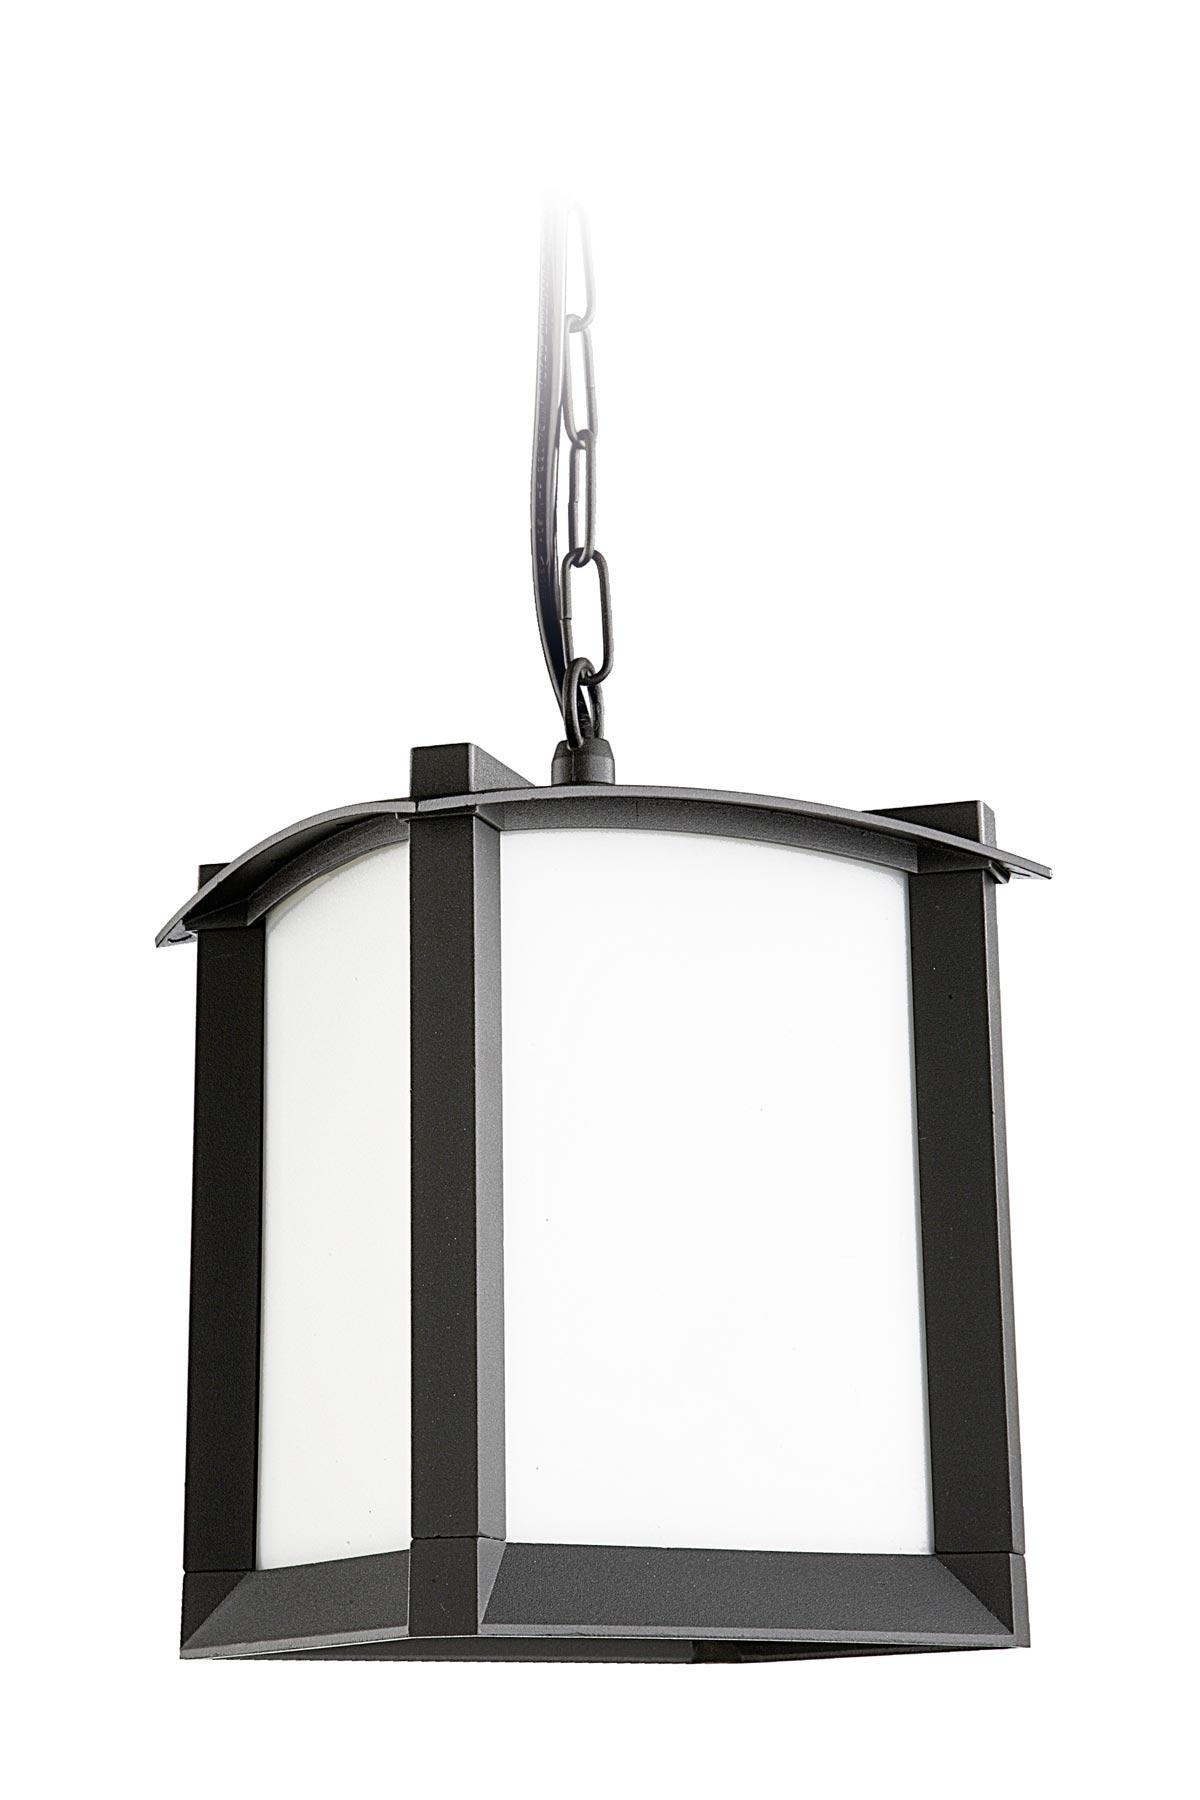 Mark lanterne d 39 ext rieur design fer forg leds c4 r f for Suspension fer noir